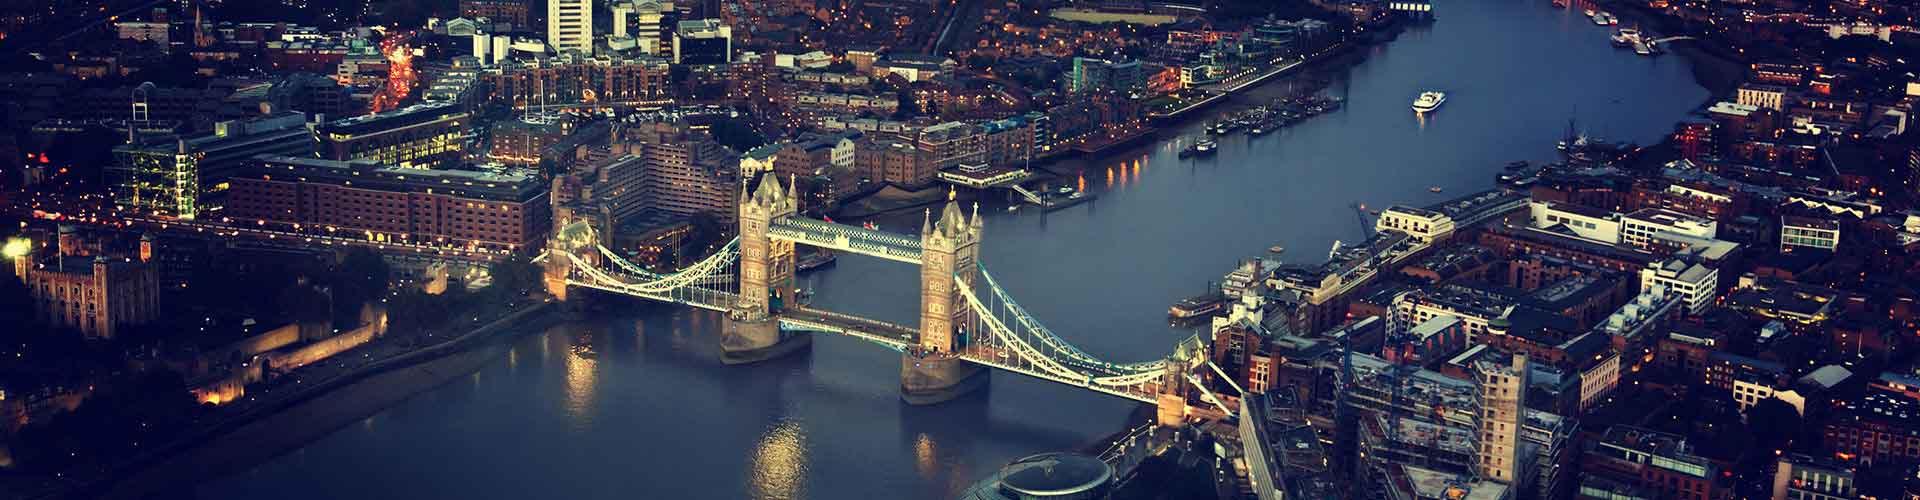 런던 - Borough of Southwark 지구의 호스텔. 런던의 지도, 런던에 위치한 호스텔 사진 및 후기 정보.